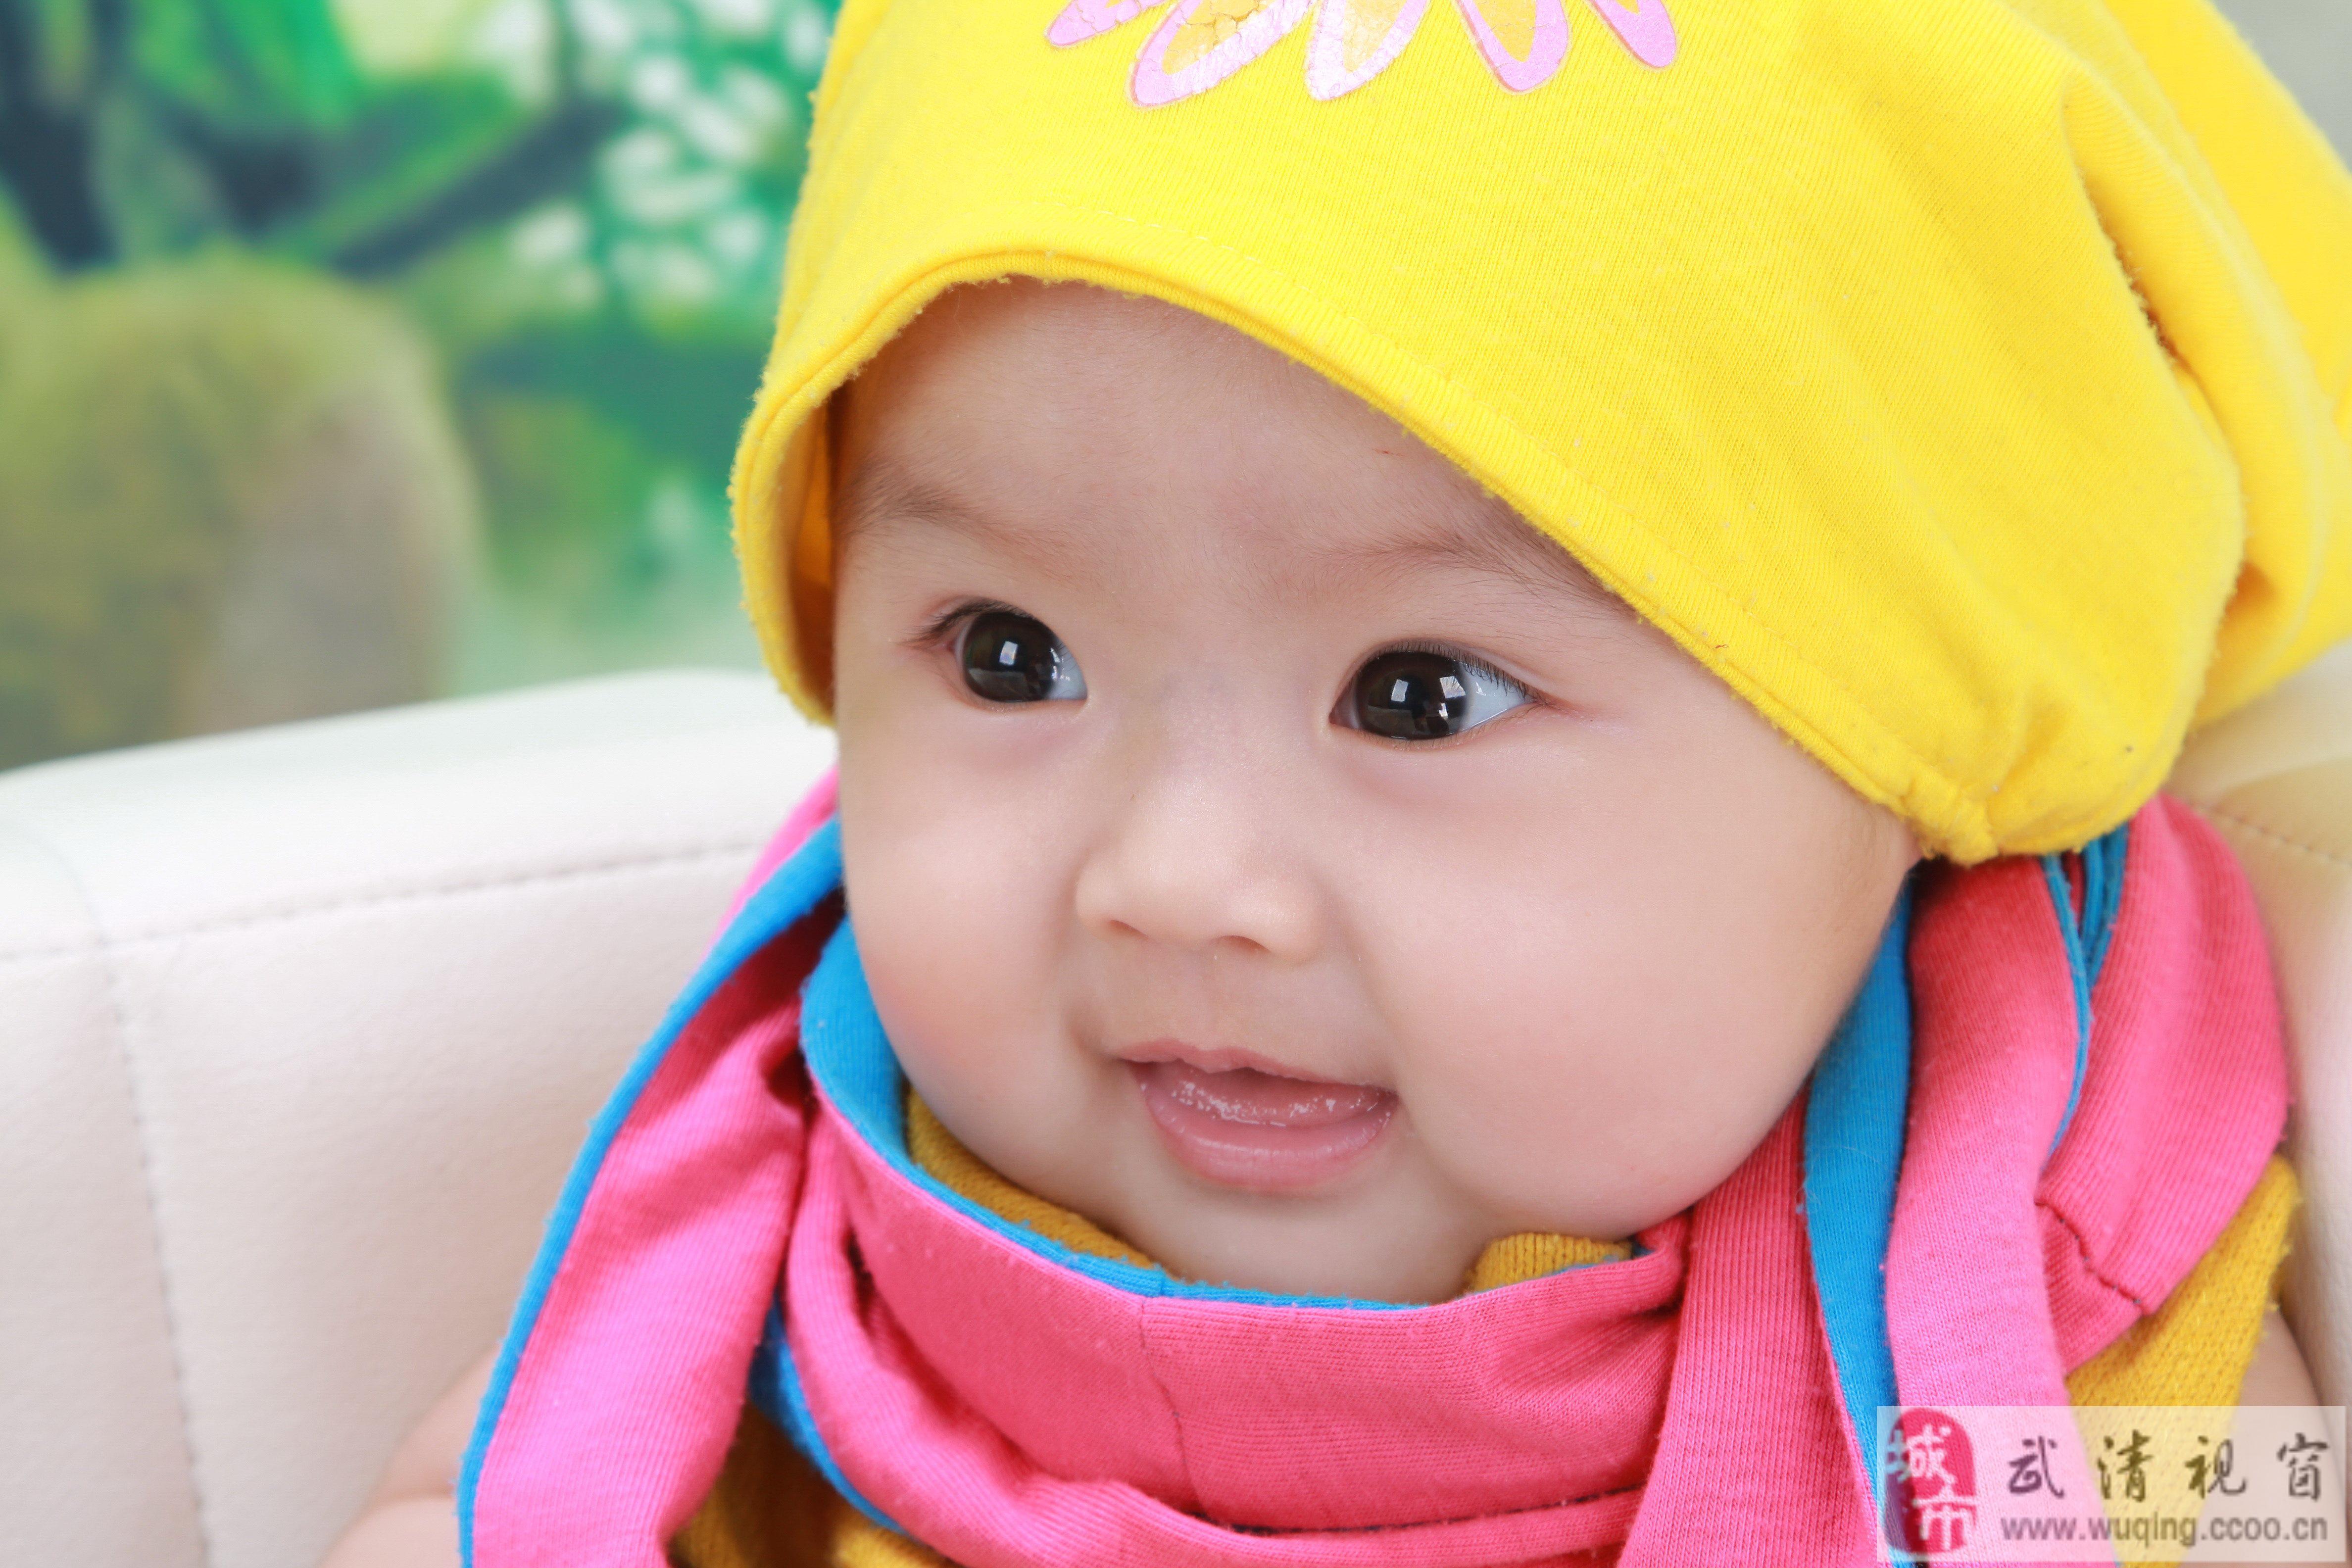 宝宝 壁纸 儿童 孩子 小孩 婴儿 4752_3168